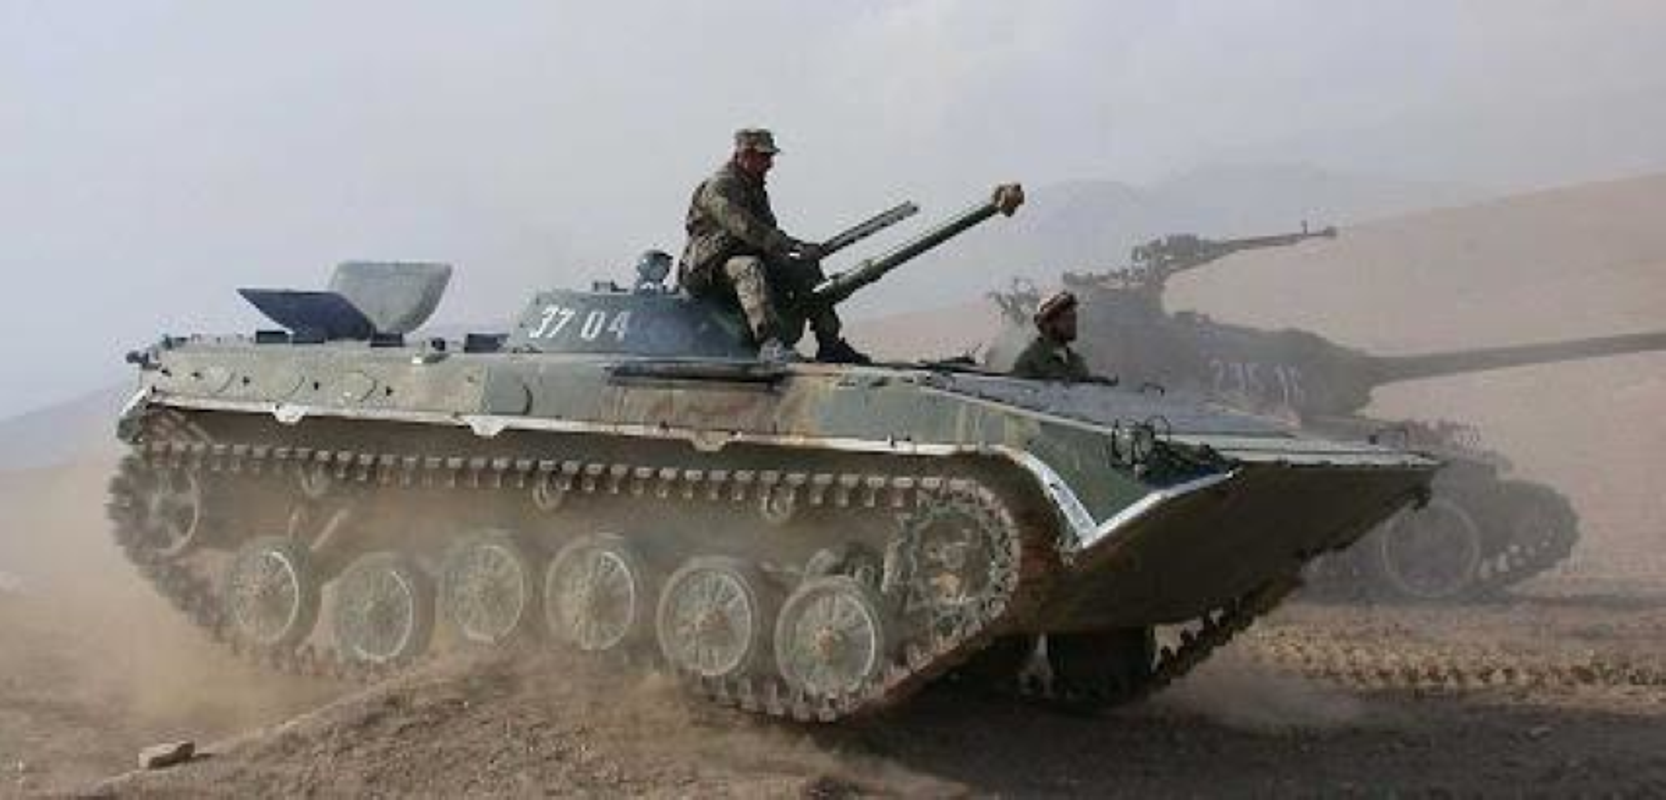 Xe chien dau bo binh huyen thoai Lien Xo trong tay phe khang chien Afghanistan-Hinh-13